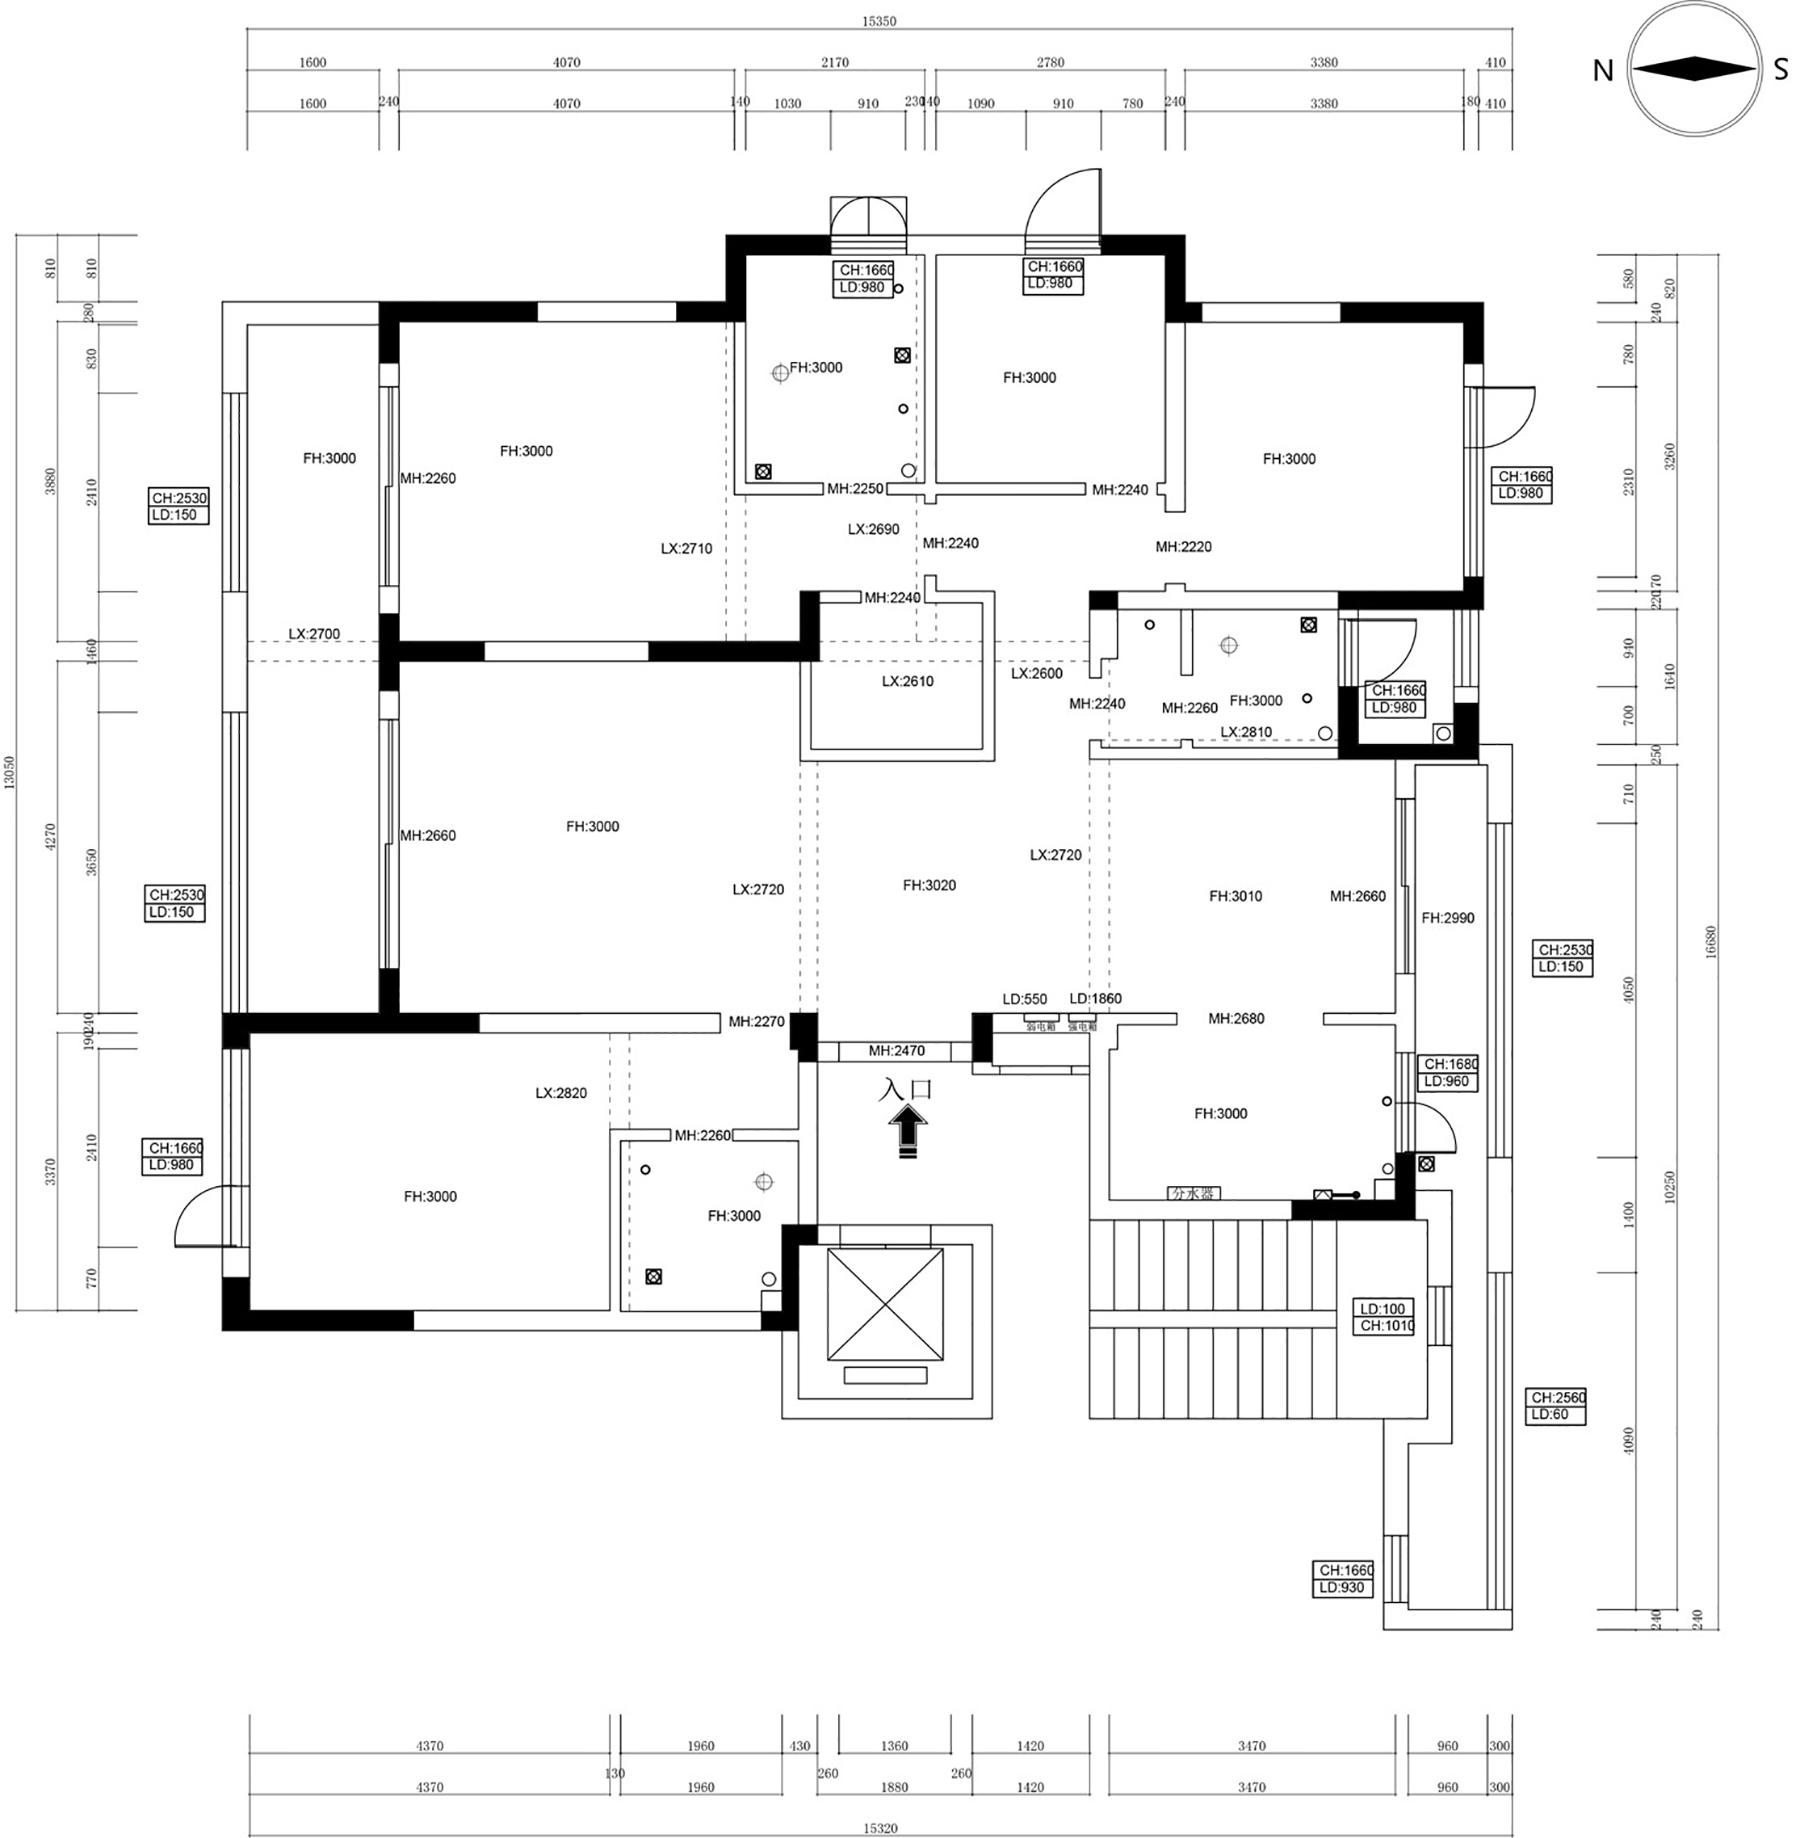 蓝城兰园183㎡现代简约性状style装潢成果图装潢策划愿景